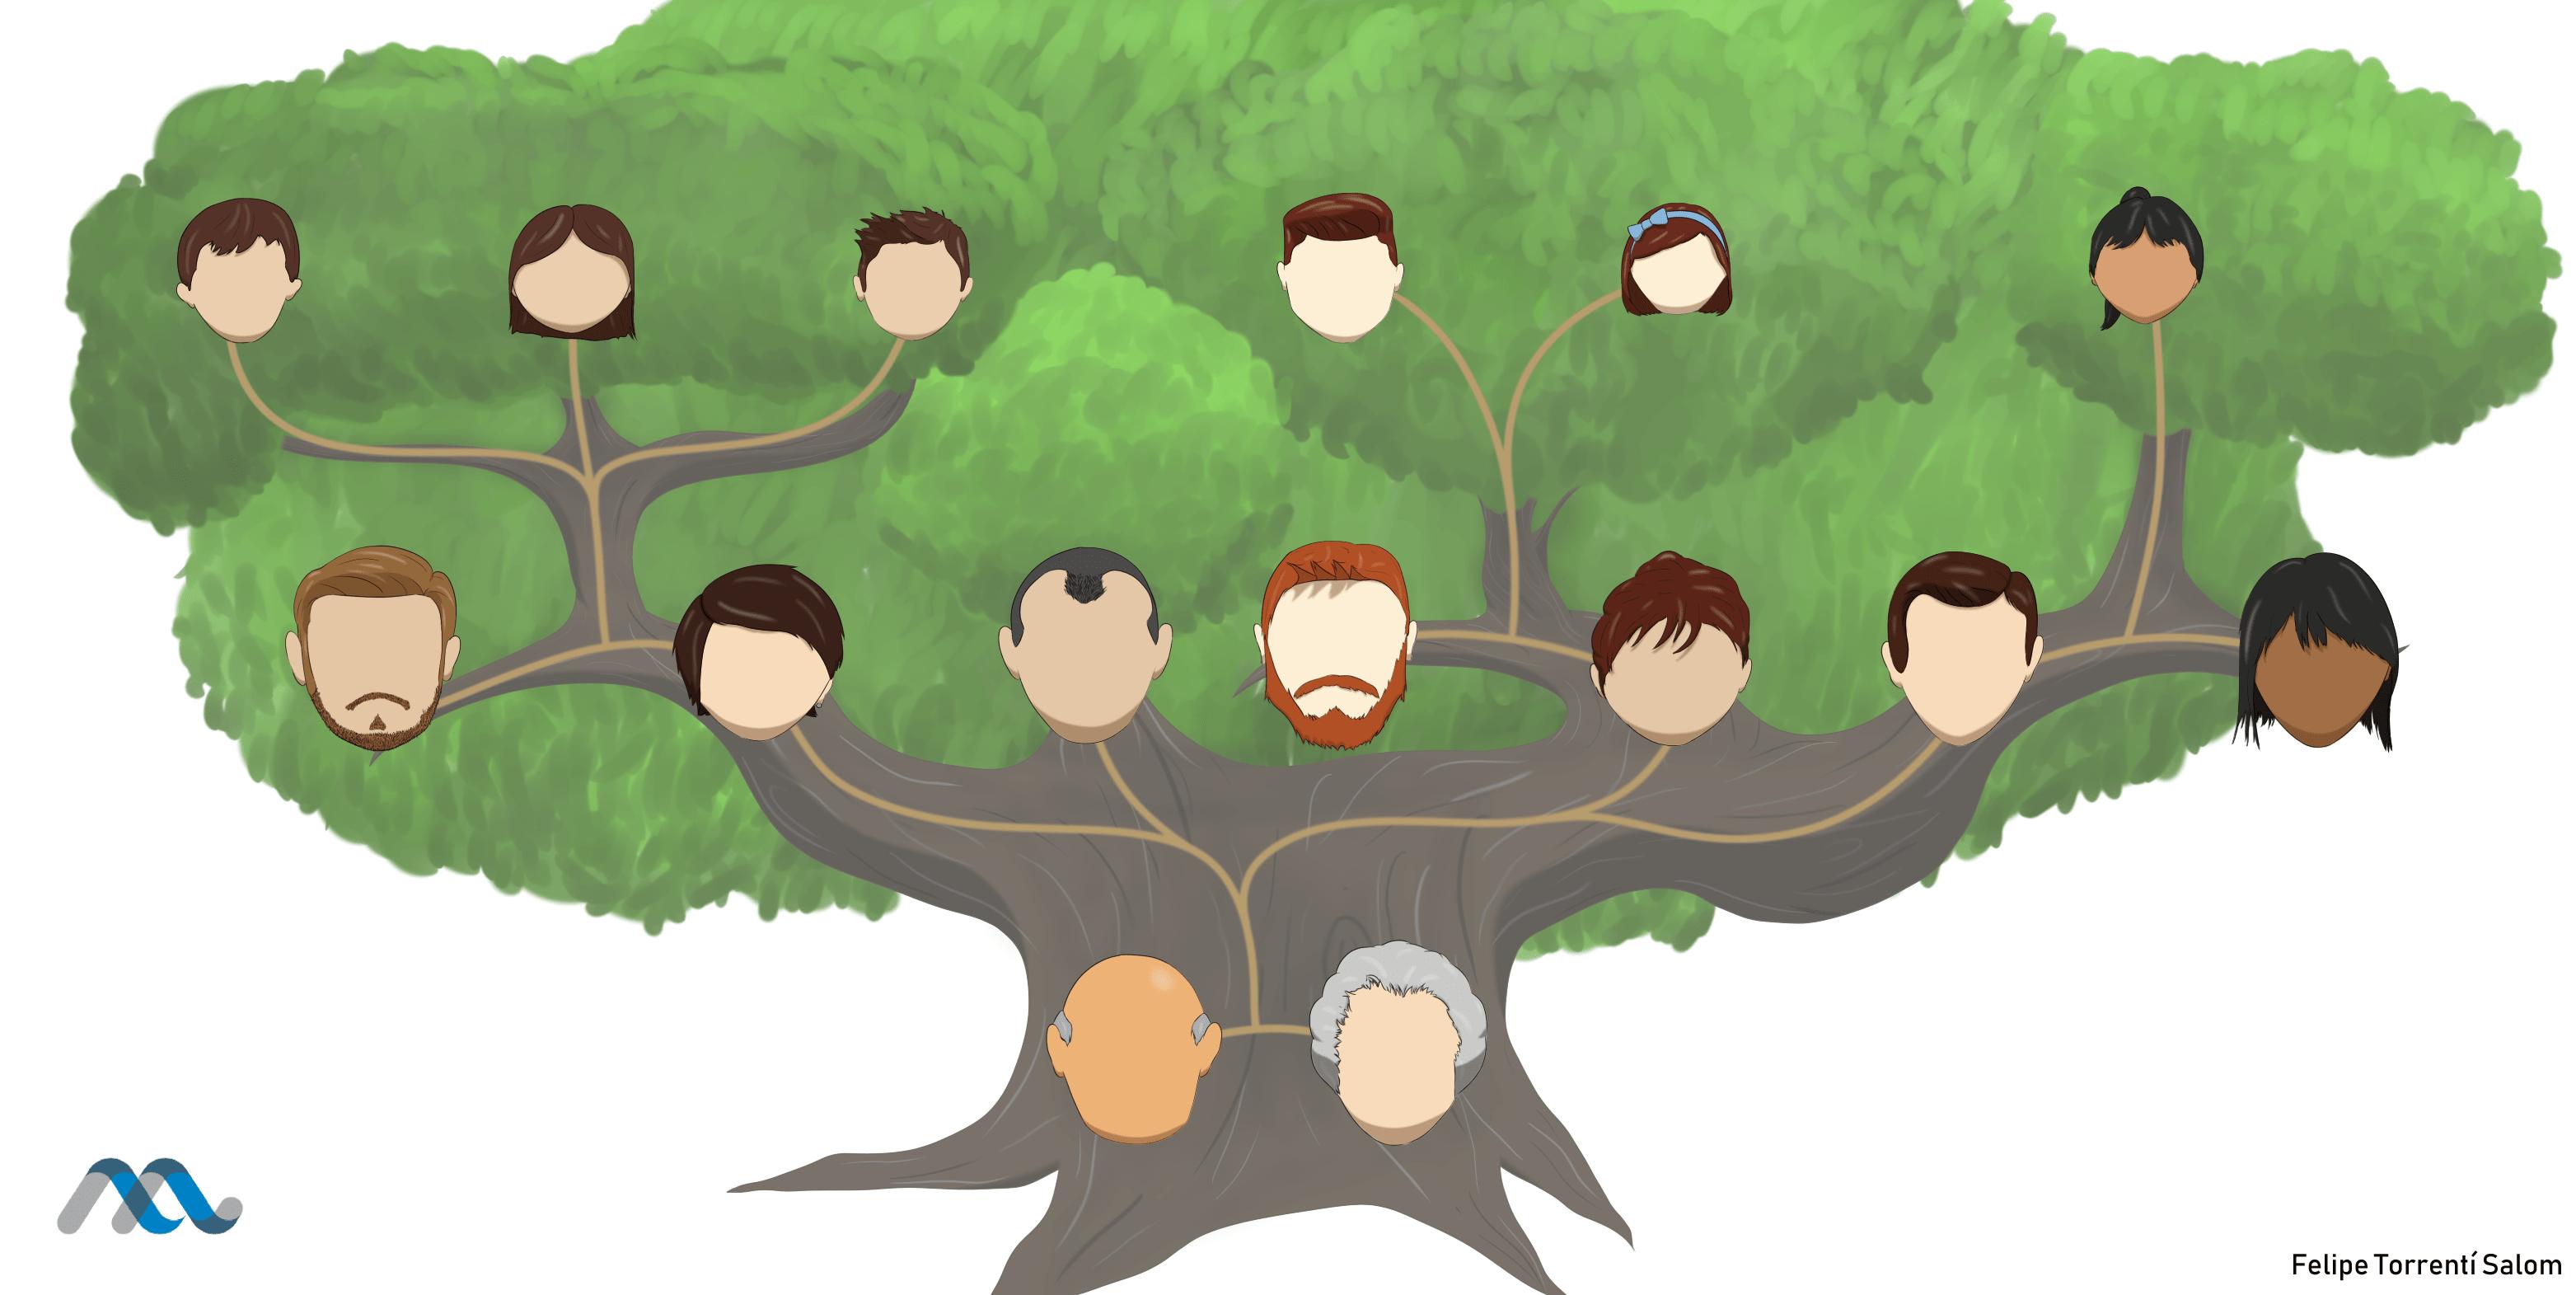 árboles Familiares Y Predicción De Riesgo De Enfermedades A Partir